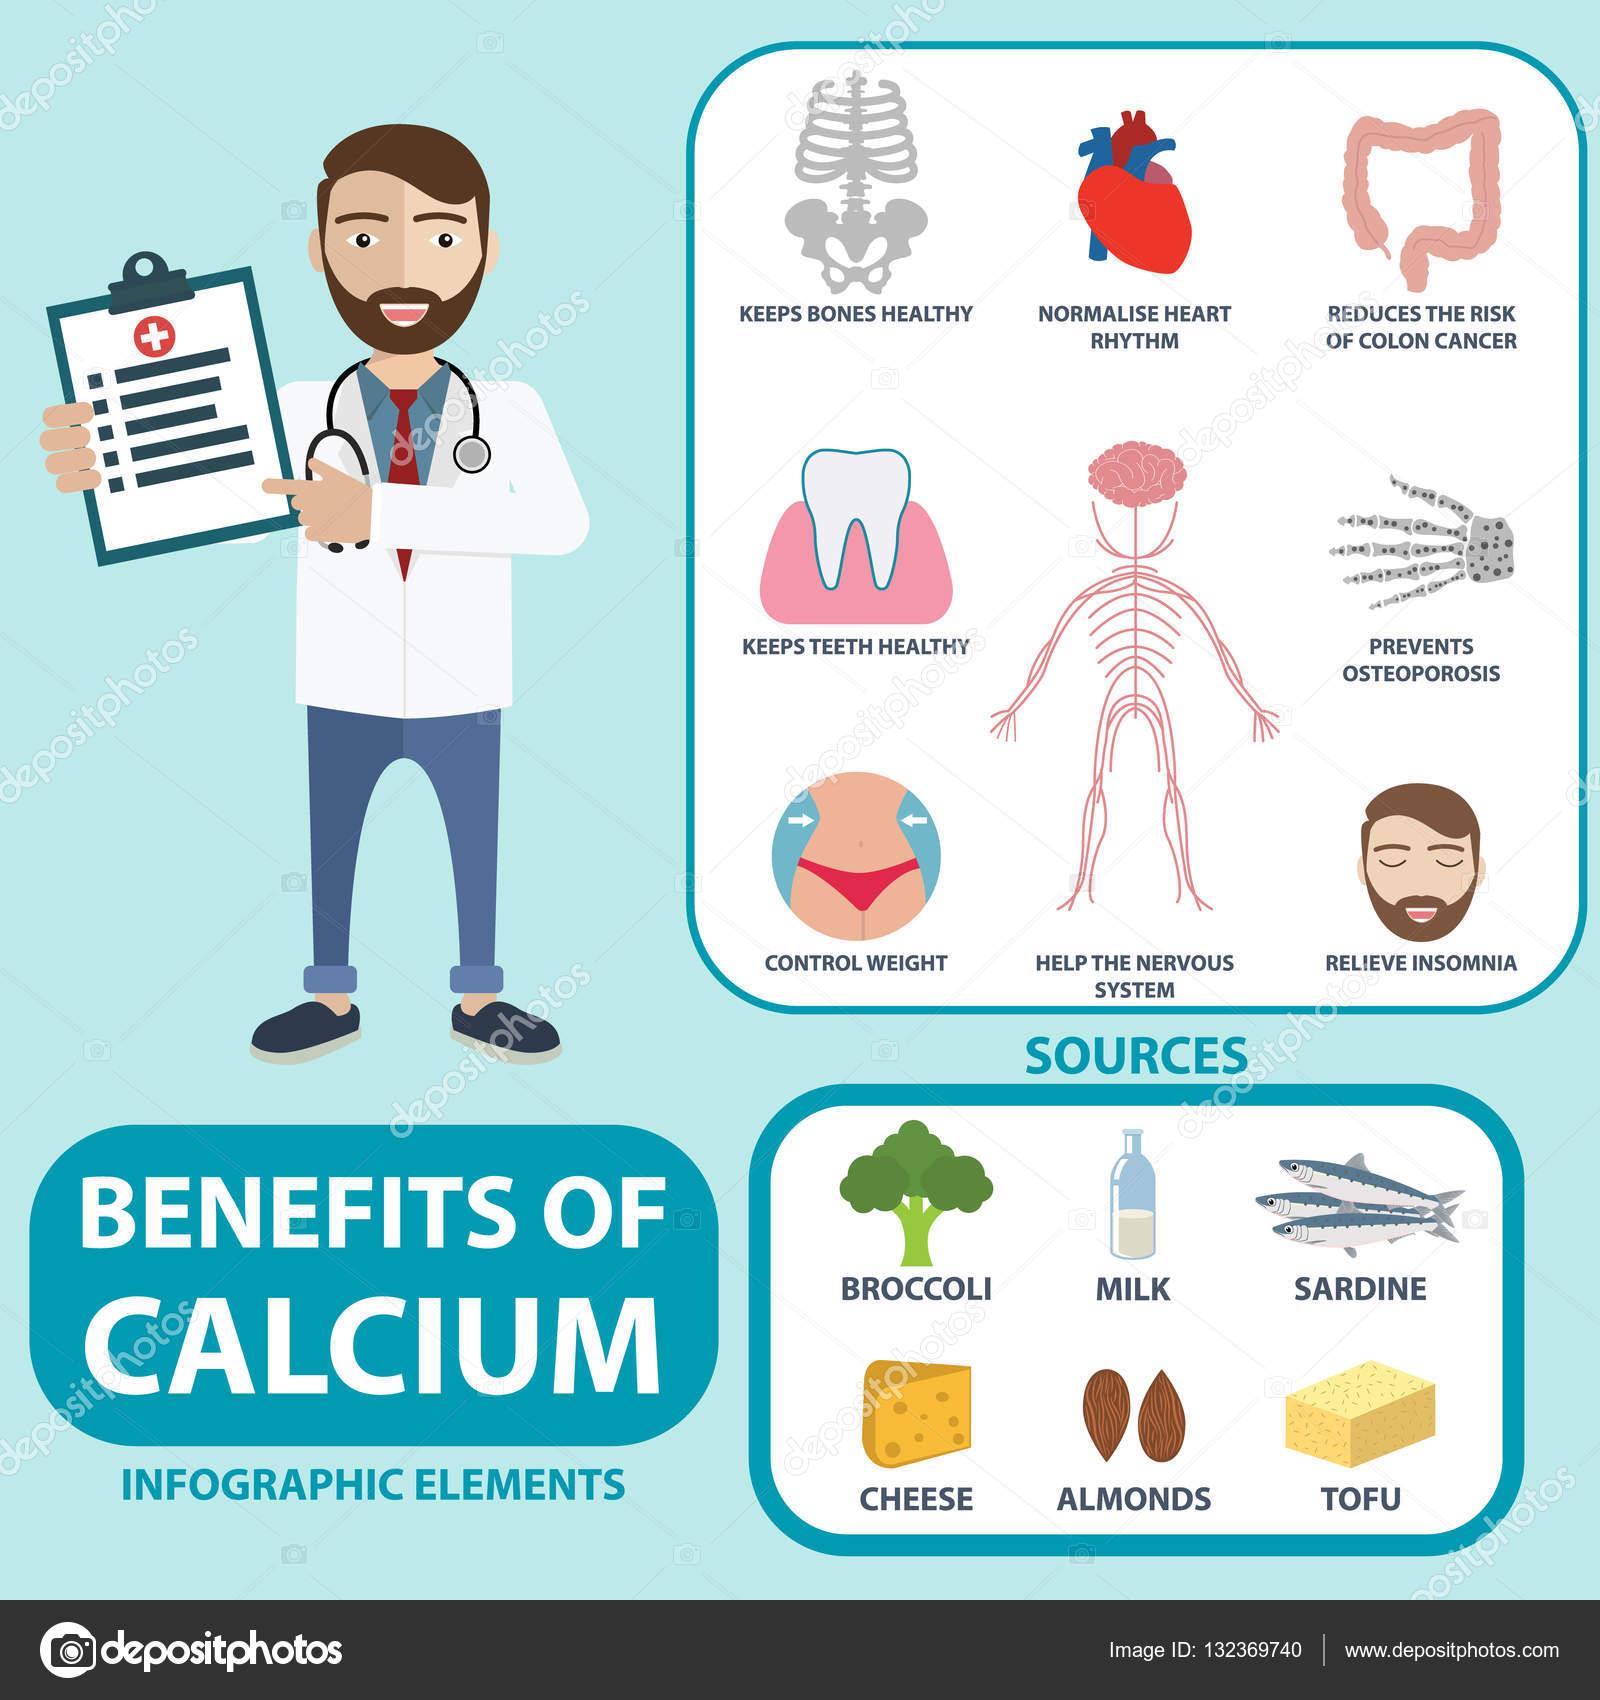 Benefits of calcium infographic elements. — Stock Vector ...